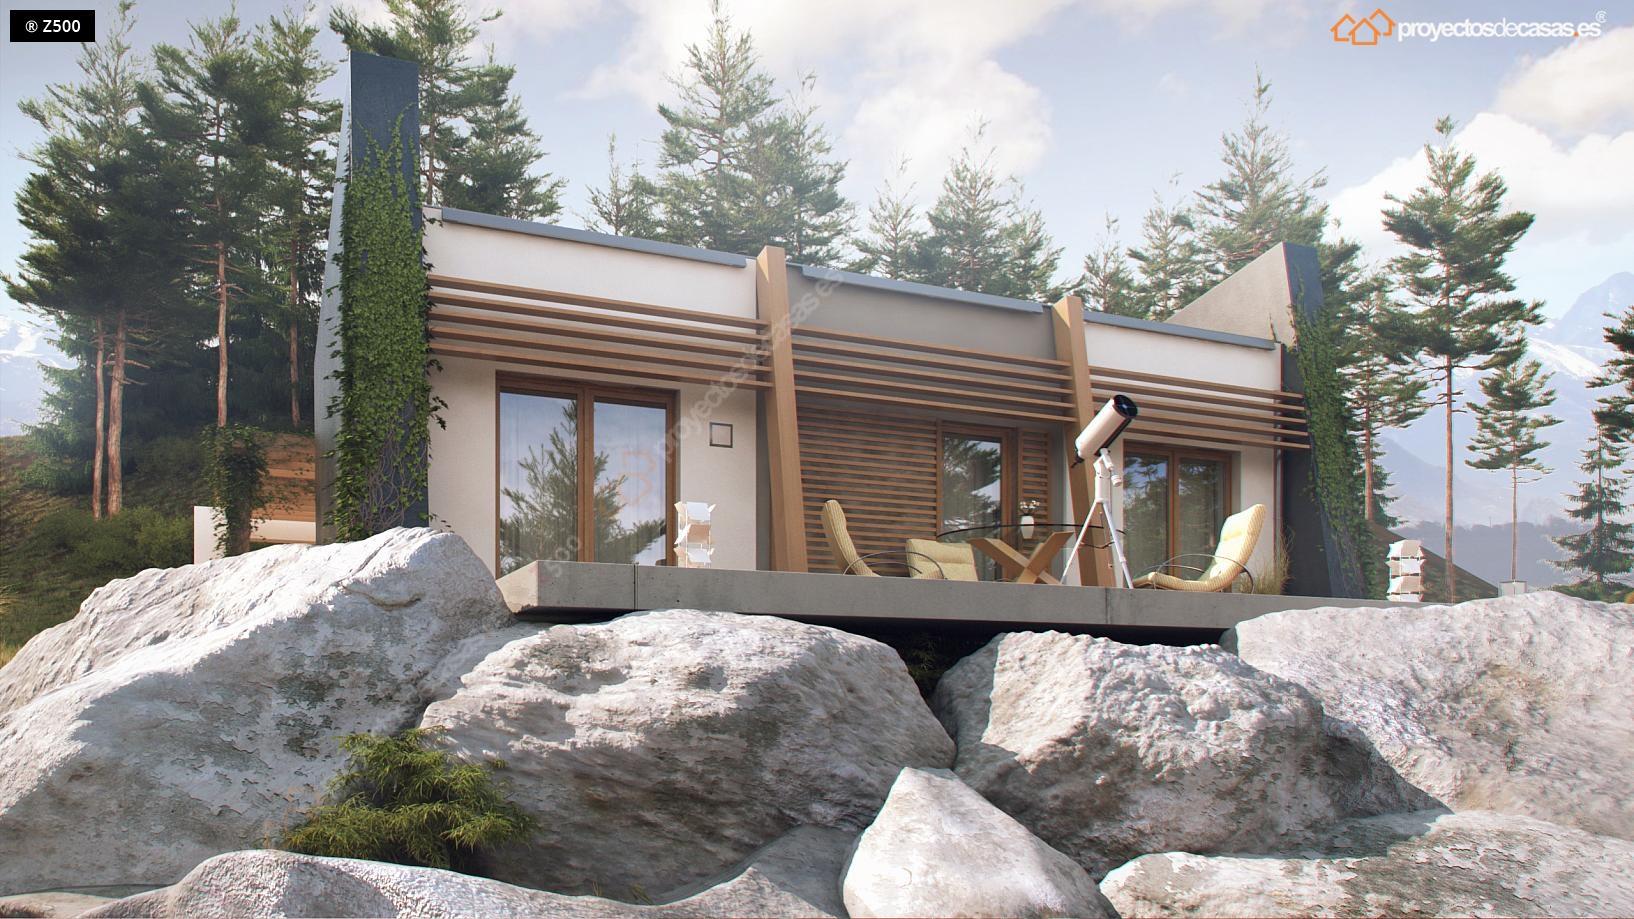 Proyectos De Casas Casa De Dise O De 1 Planta Con